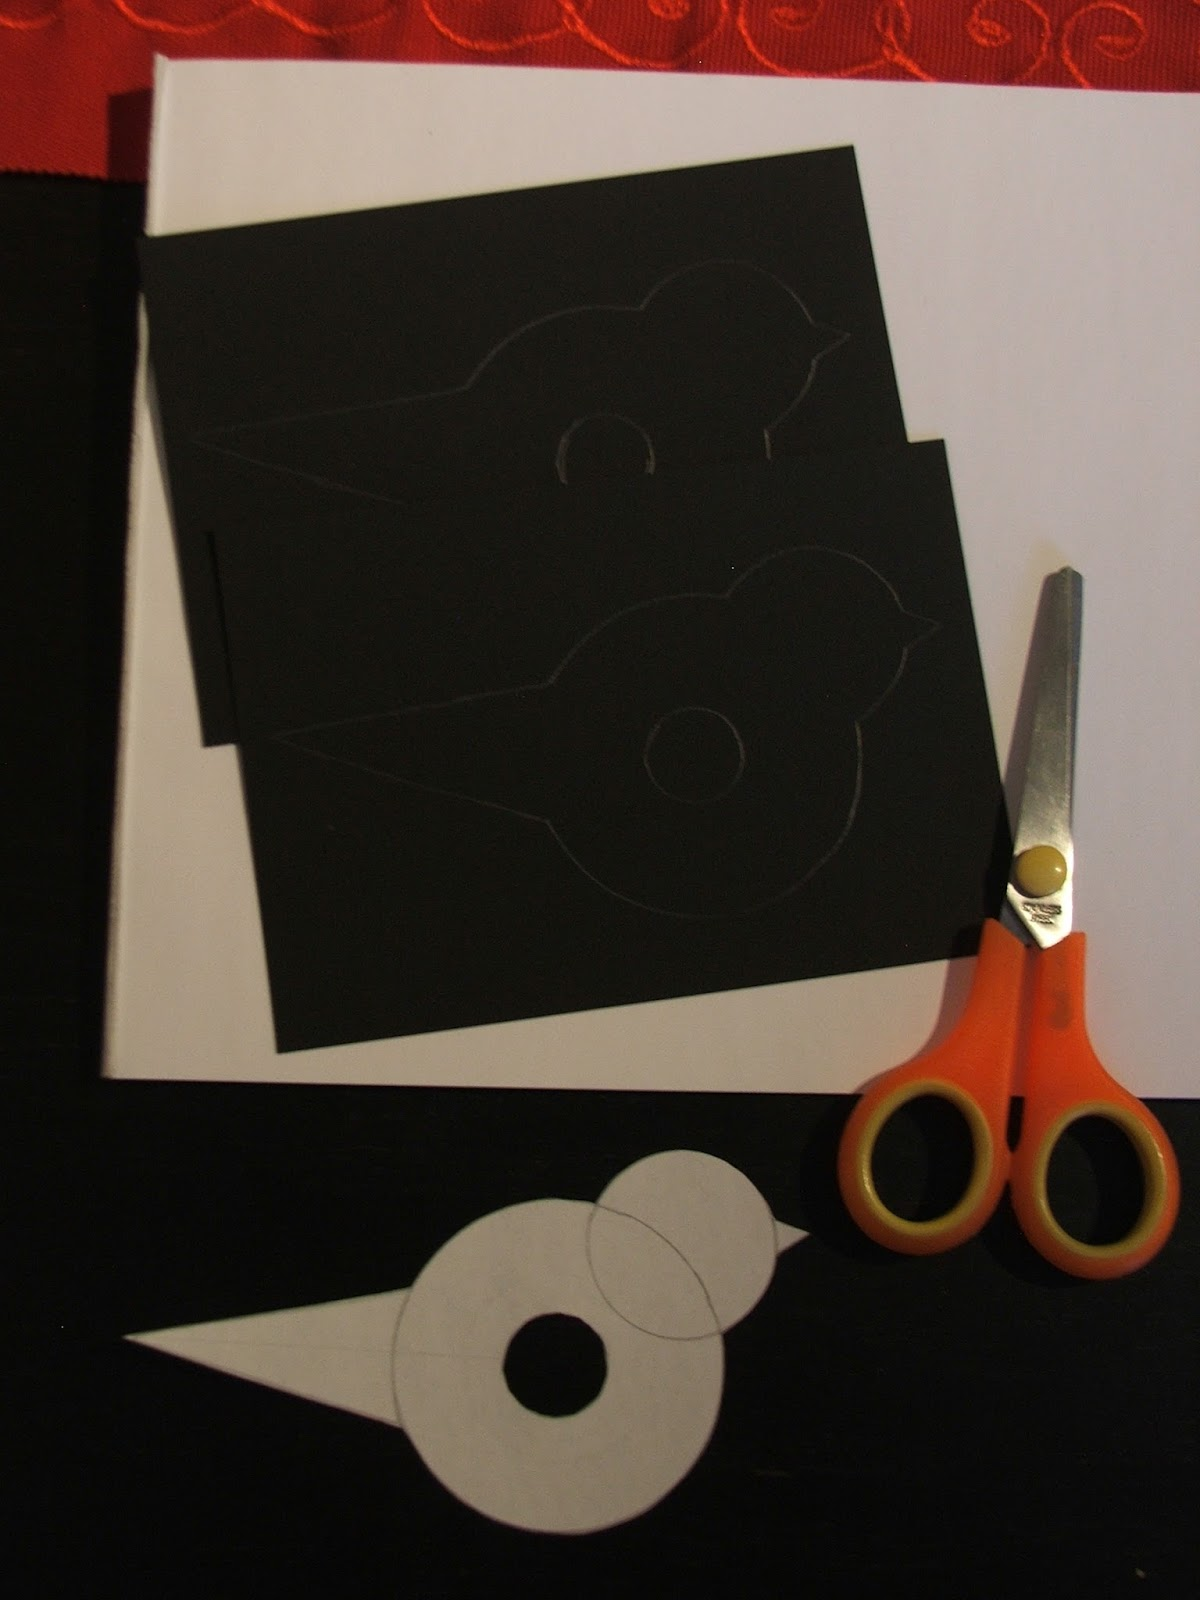 Kekseistä kintaisiin: Talvinen askartelu: Punatulkku pahvista ja langasta